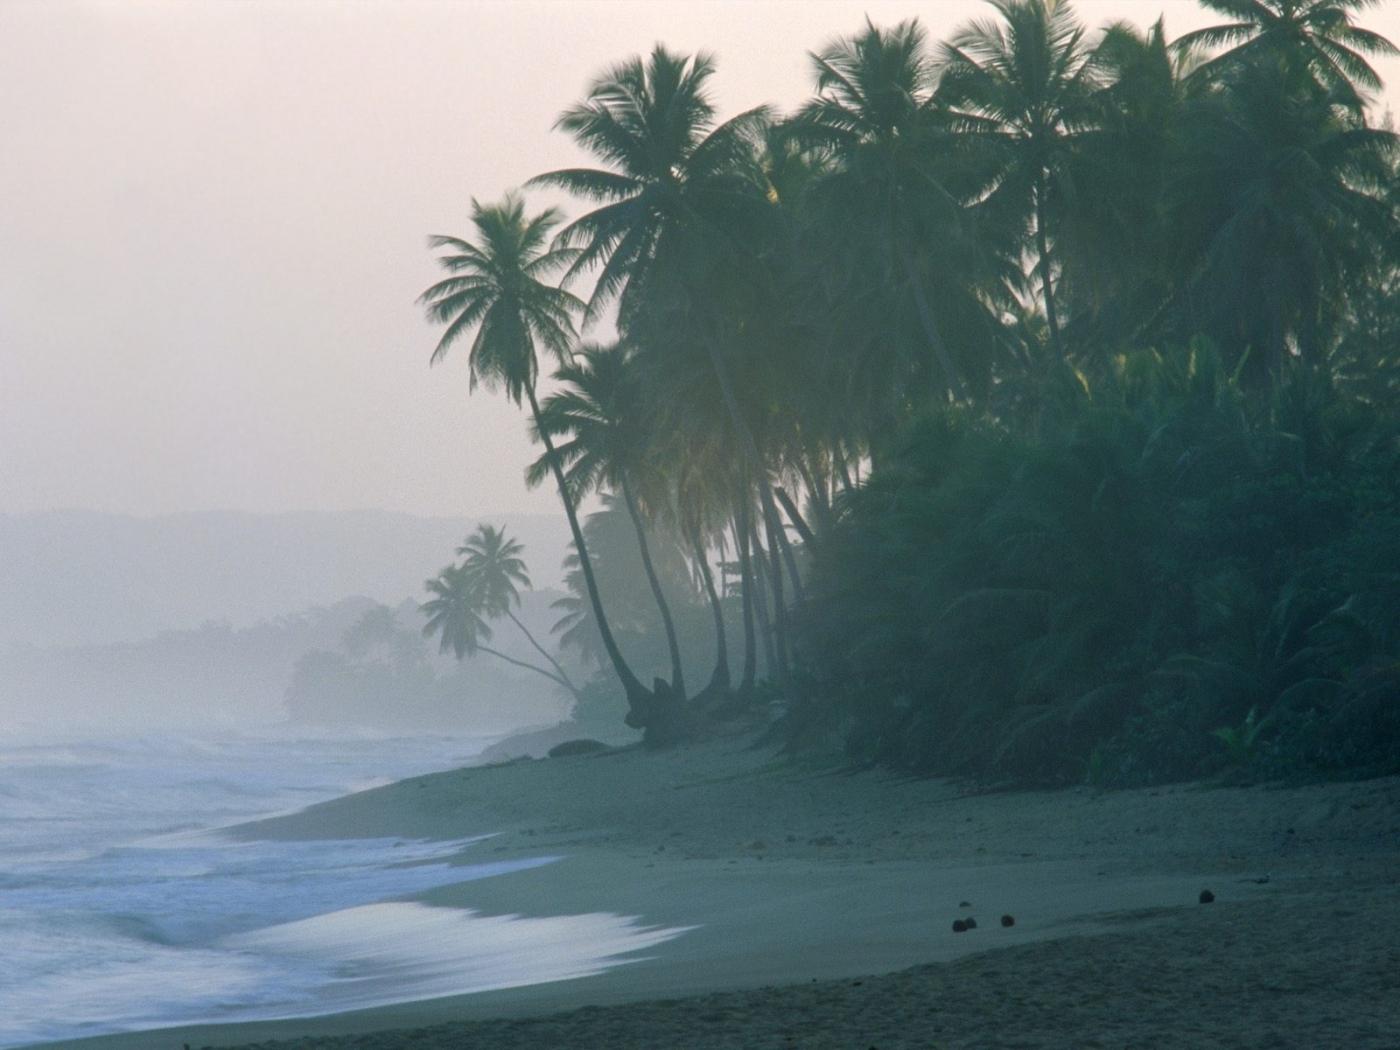 27594 скачать обои Пейзаж, Волны, Пляж, Пальмы - заставки и картинки бесплатно